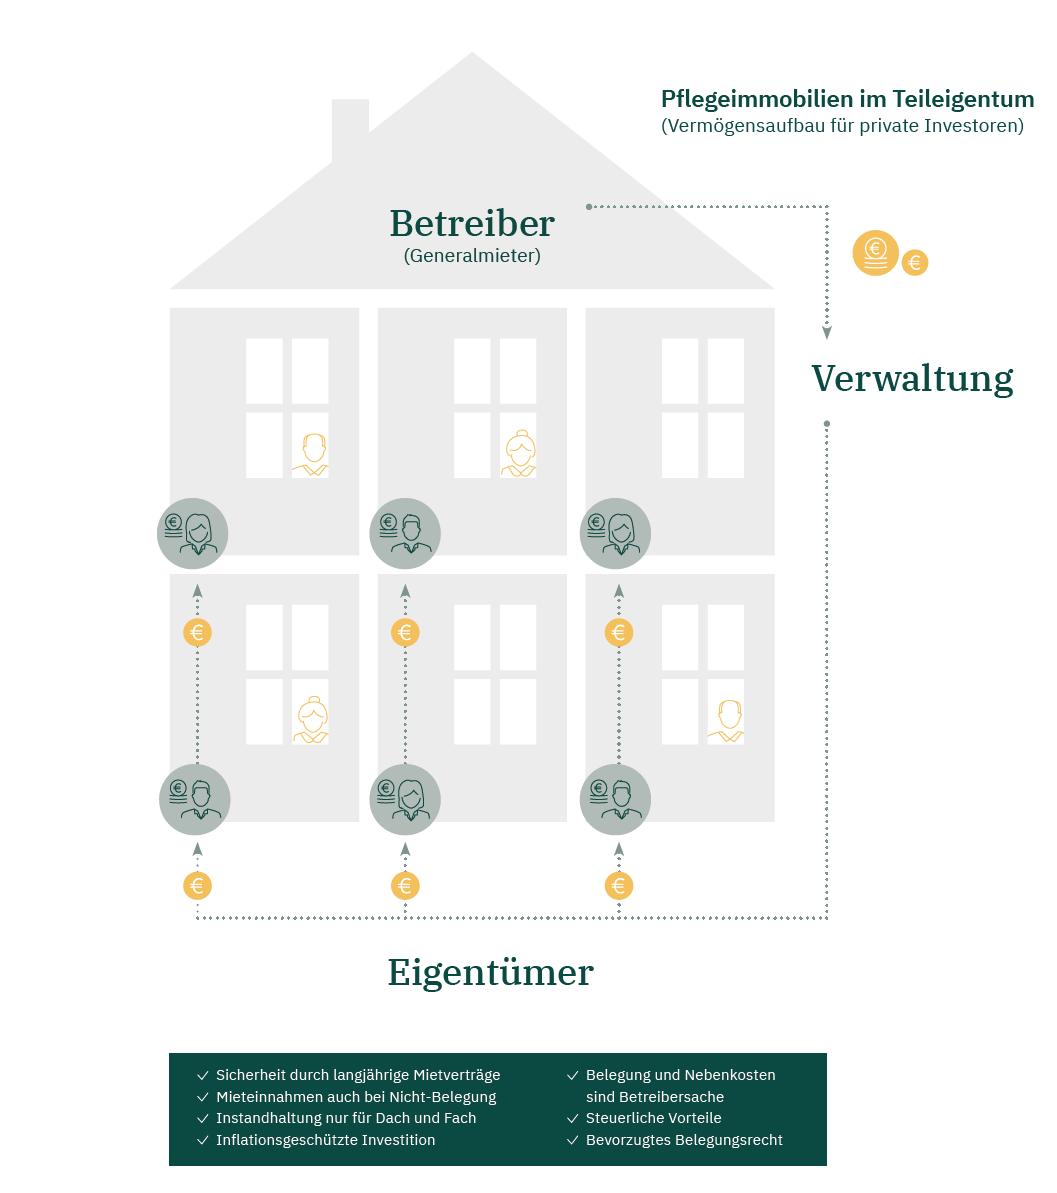 Wie funktionieren Pflegeimmobilien?